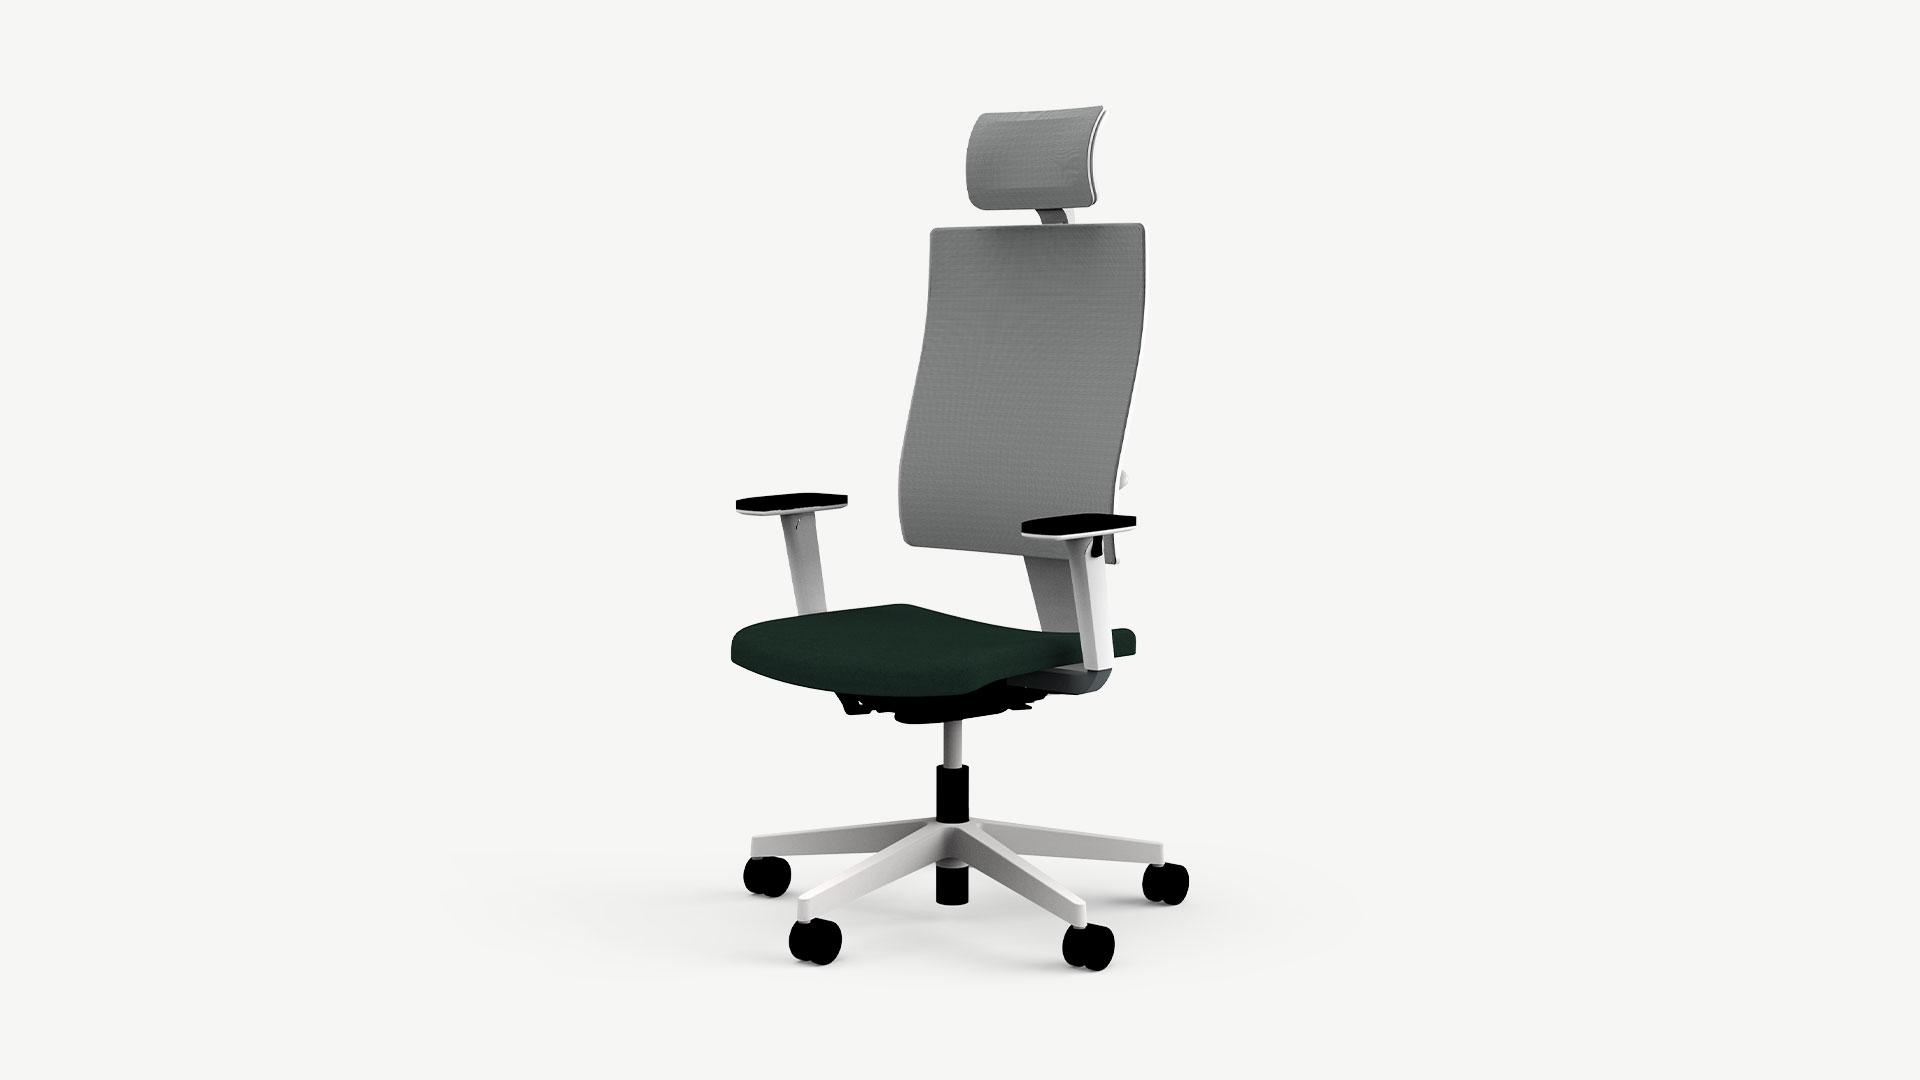 Nowy Styl Soft Seat Bürostuhl 4ME, Mesh-Bezug